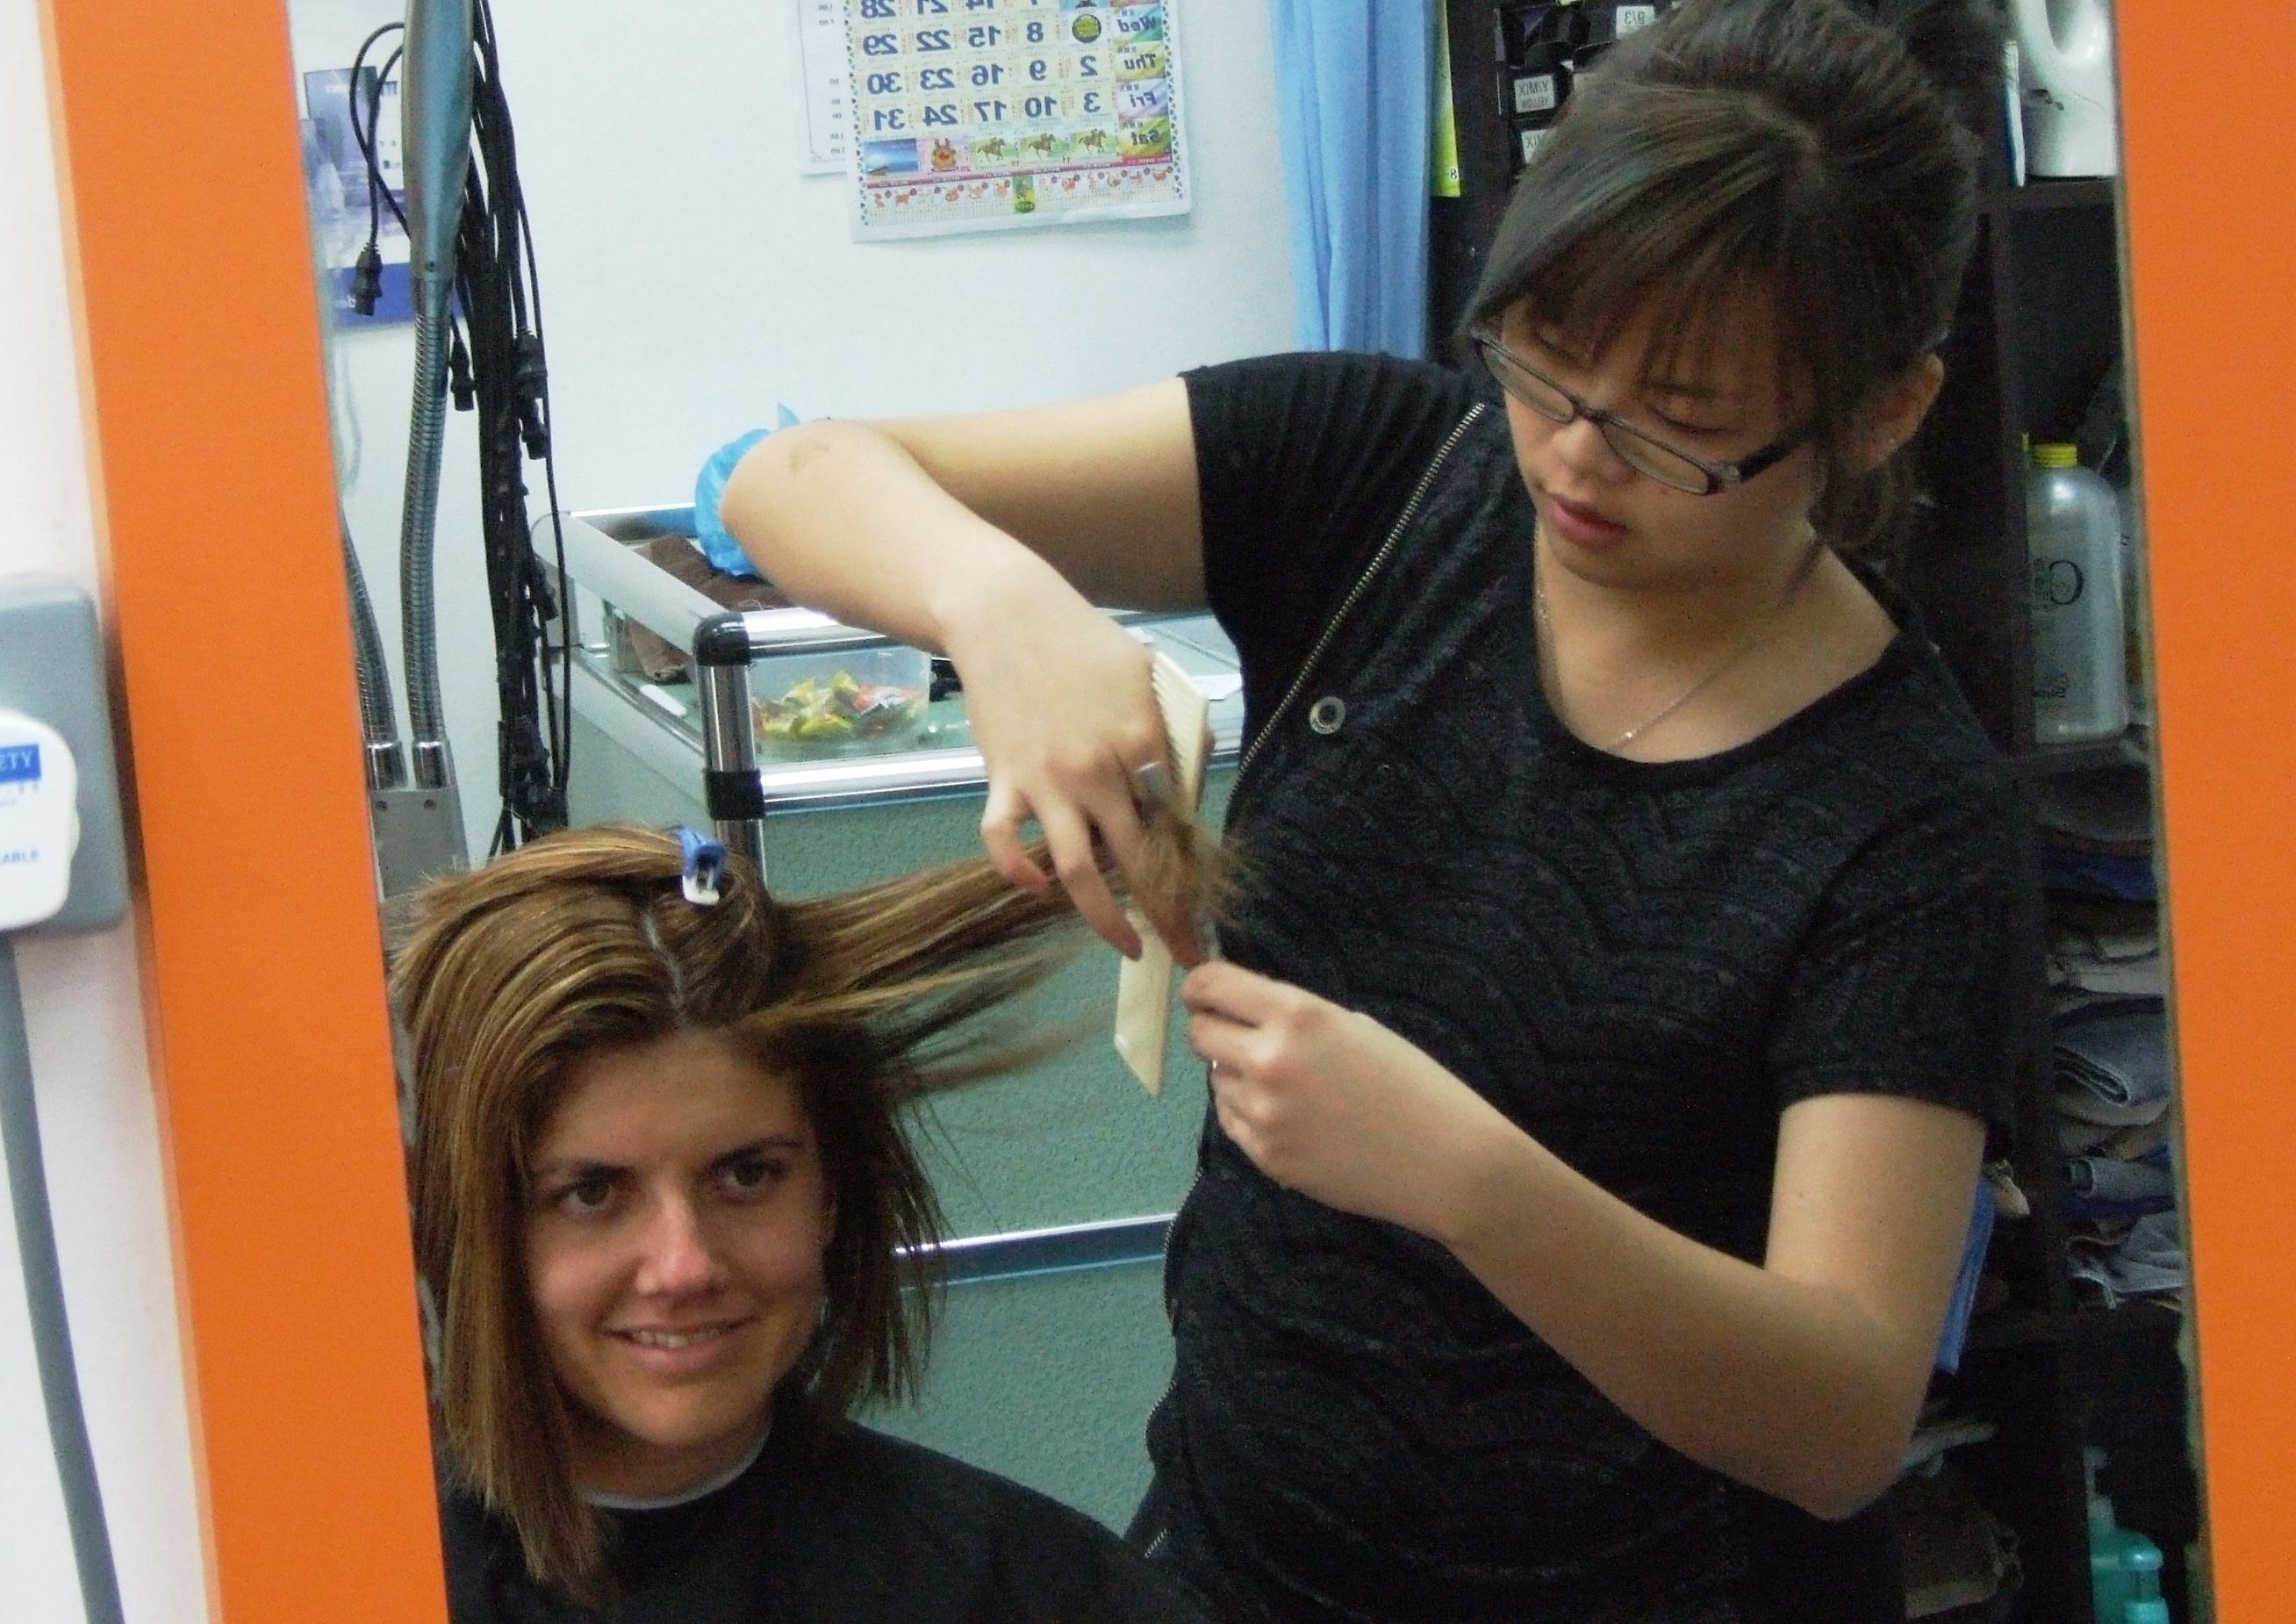 Il taglio di capelli a Singapore